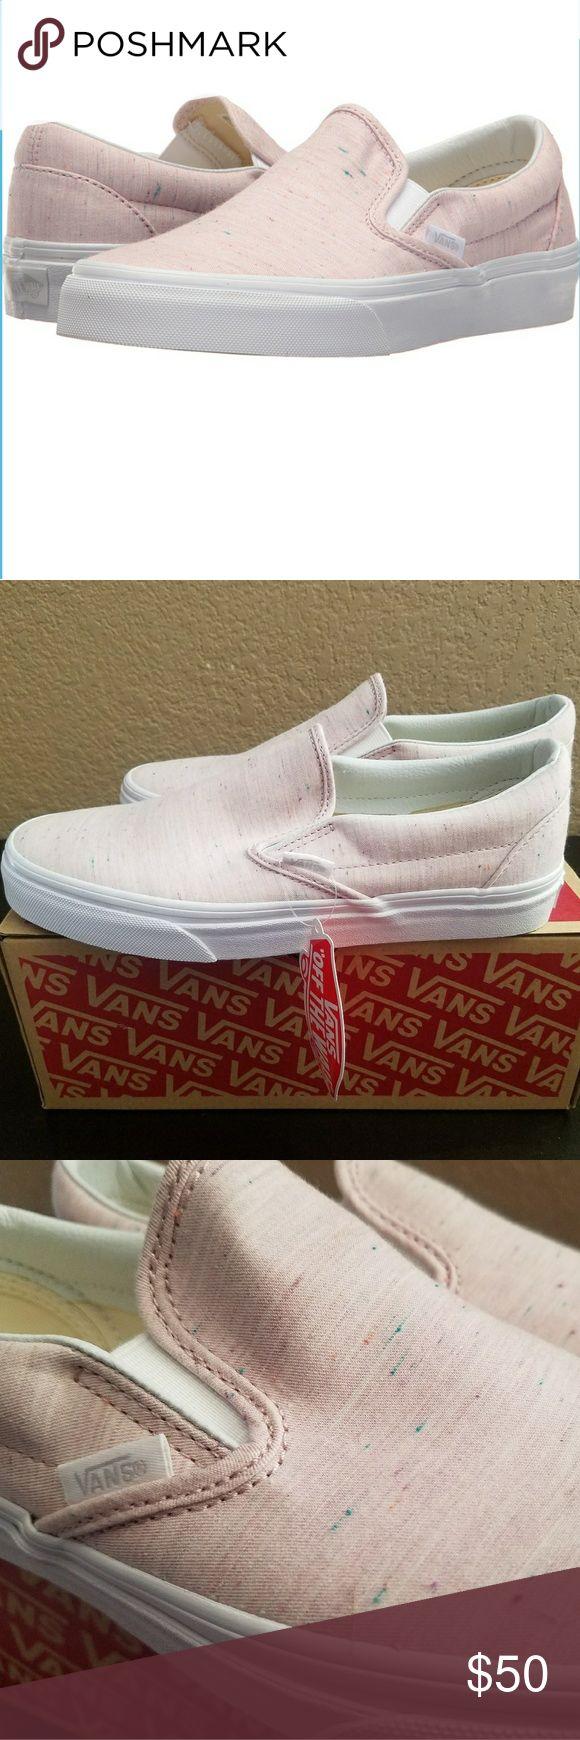 Vans Classic Slip On Jersey Pink Classic Slip On women's jersey pink Vans Shoes Sneakers